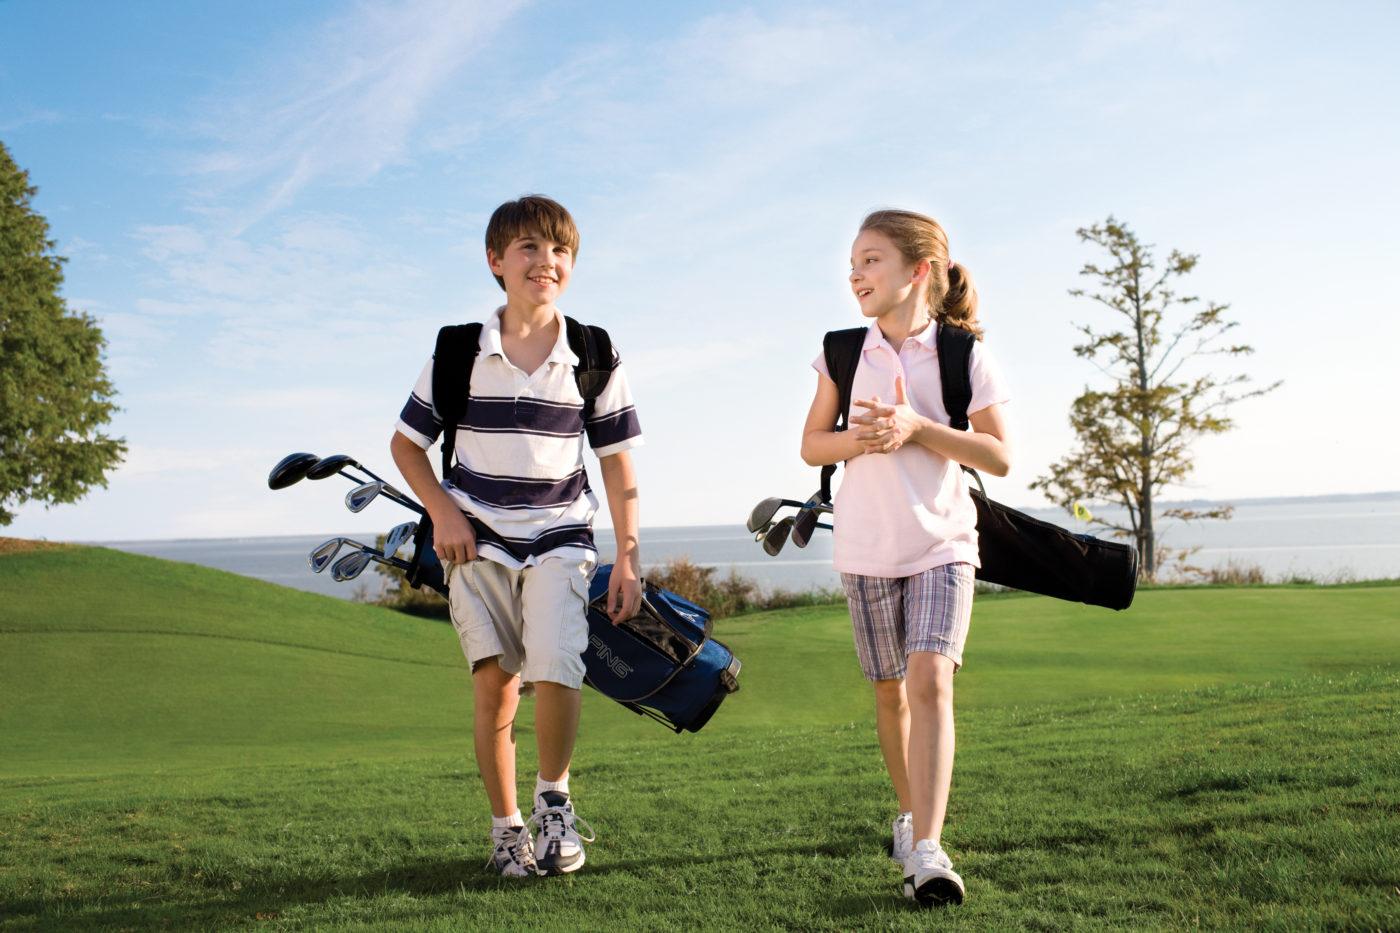 https://secureservercdn.net/104.238.69.231/tbs.145.myftpupload.com/wp-content/uploads/2019/09/Junior-Golf-Camps-e1571601442223.jpg?time=1617908737